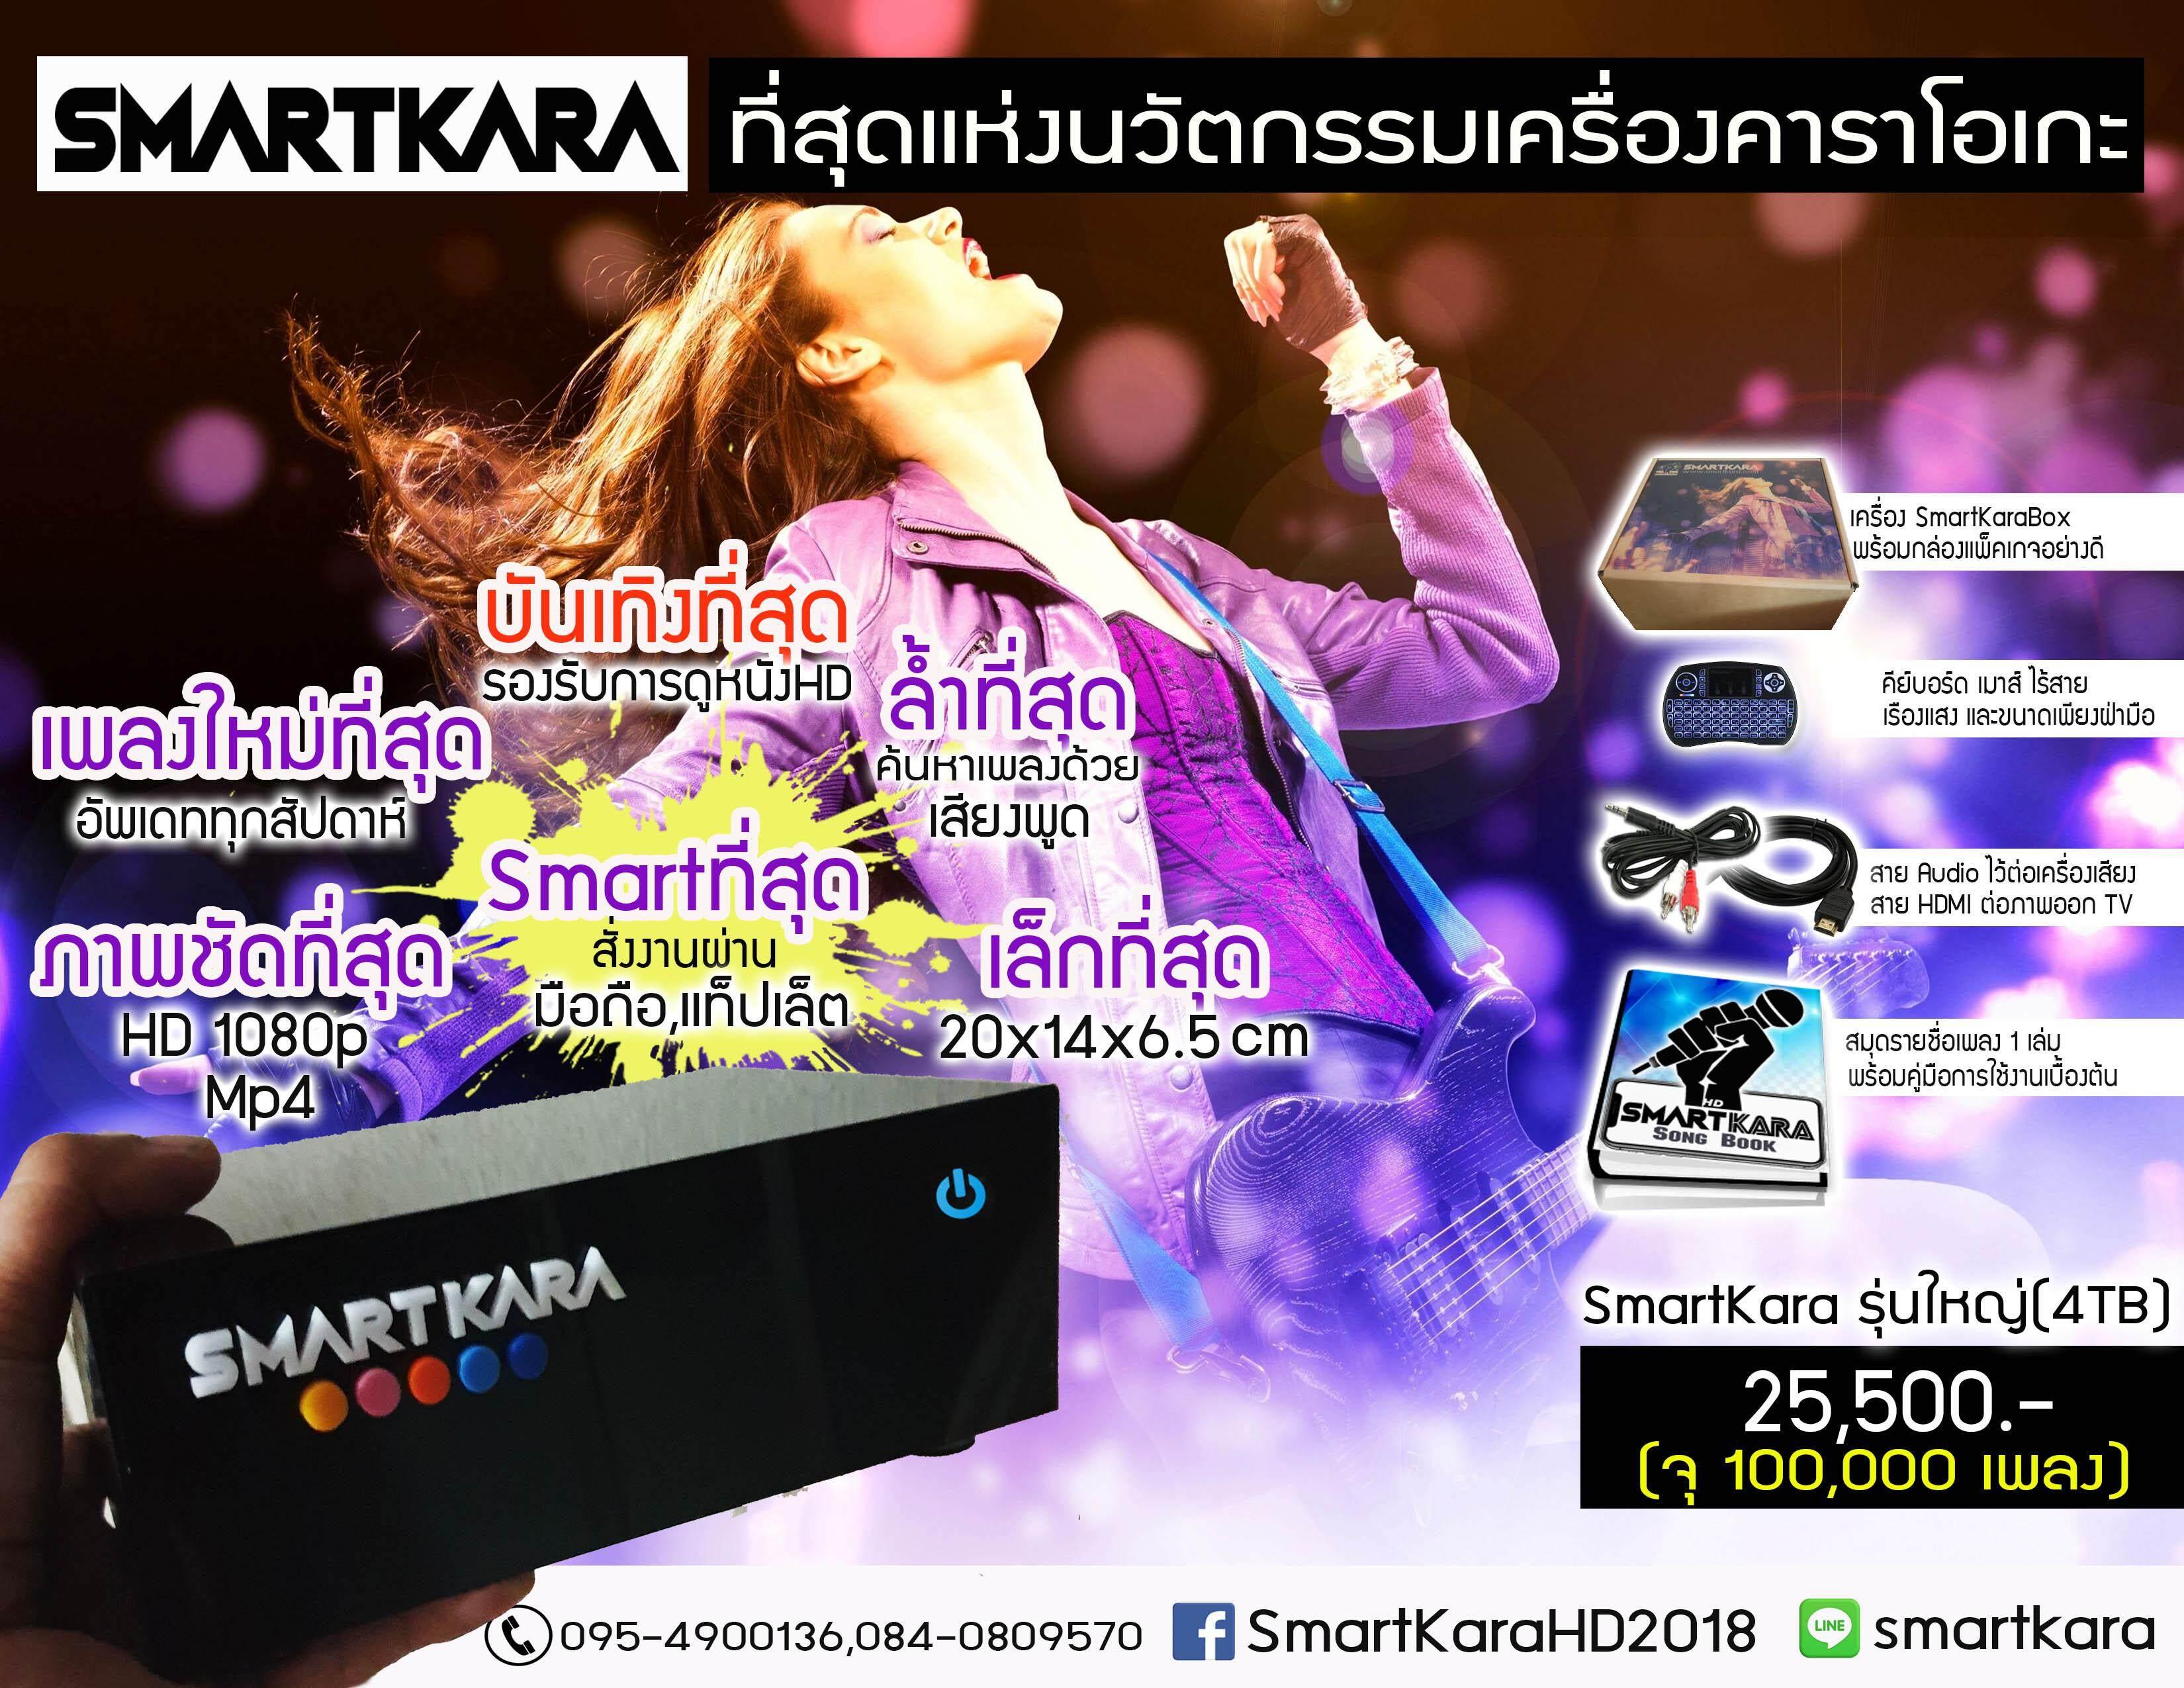 เครื่องคาราโอเกะ เครื่องเล่นคาราโอเกะ Smartkara สมาร์ทคารา สั่งงานผ่านมือถือ/แท็ปเล็ตได้ ภาพชัด Hd ร้องคาราโอเกะ ก็ได้ ดูหนัง Hd ก็ดี Smartkara Karaoke By Smartkara.